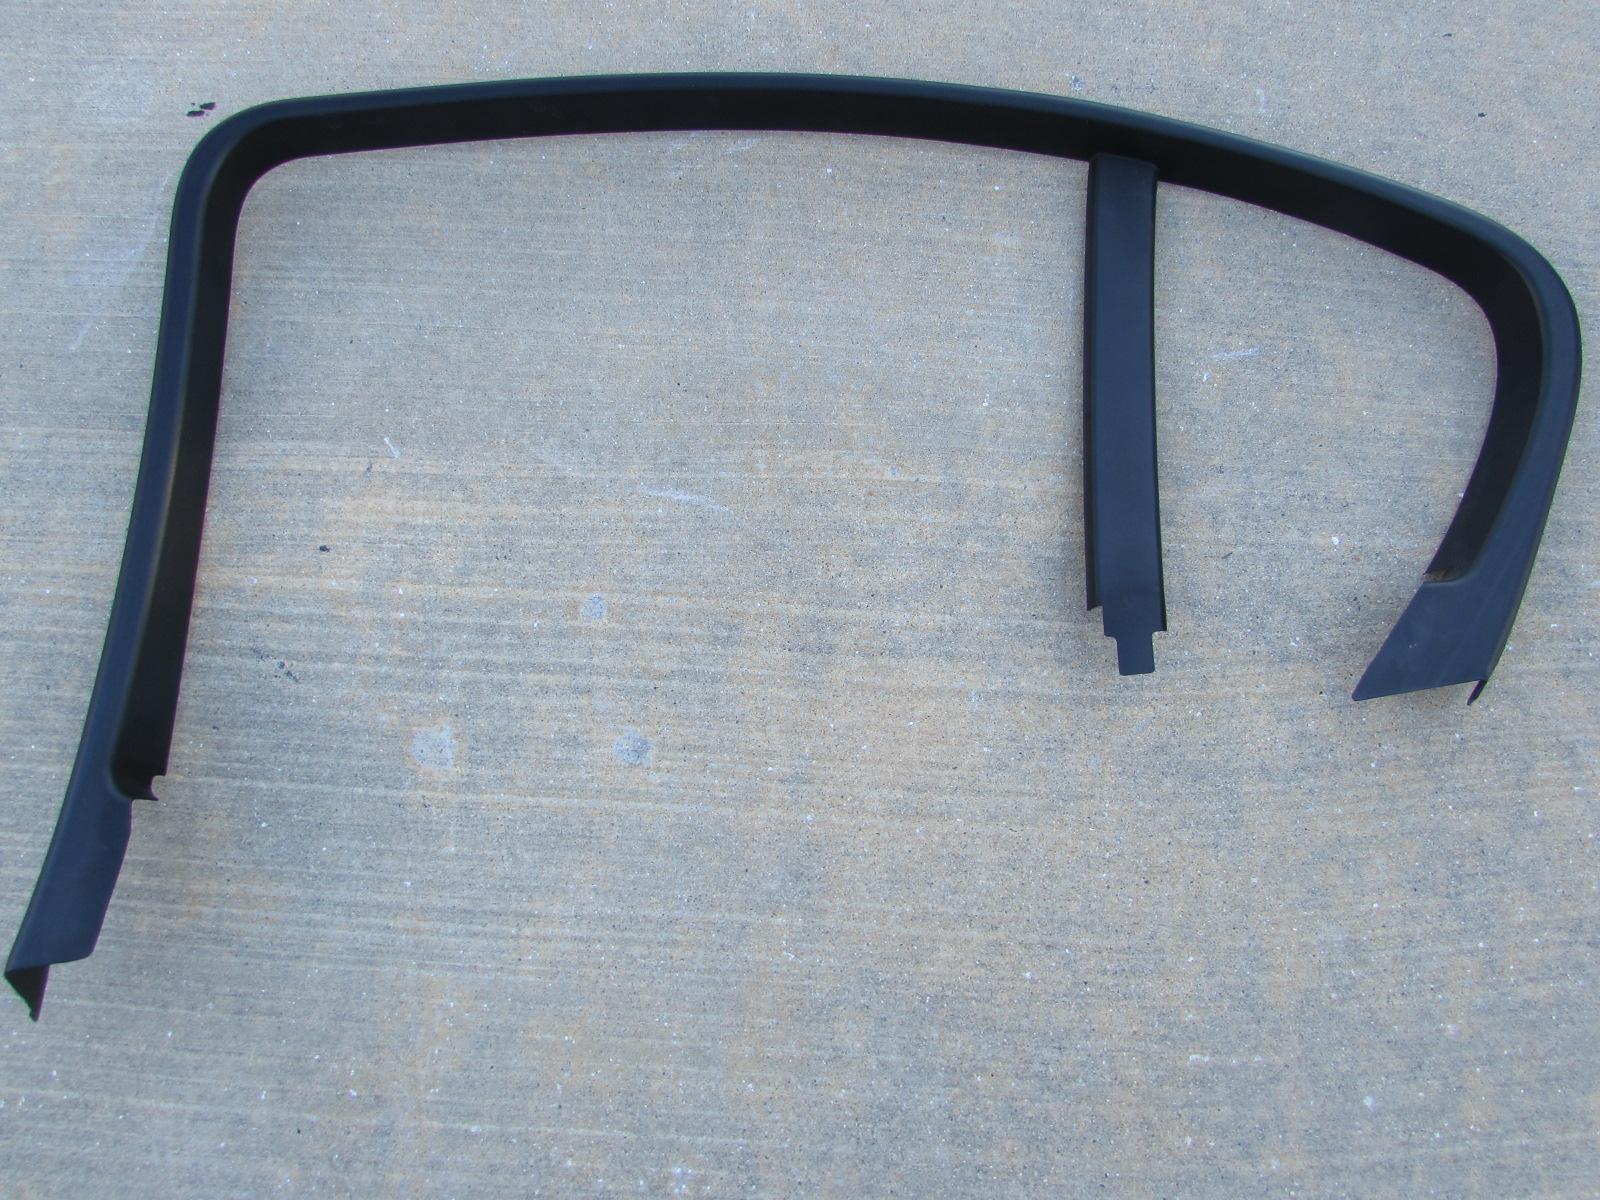 window framing trim exterior bmw upper door window frame interior trim rear right 51347120802 e90 323i 325i 328i 330i 335i m3 sedan only